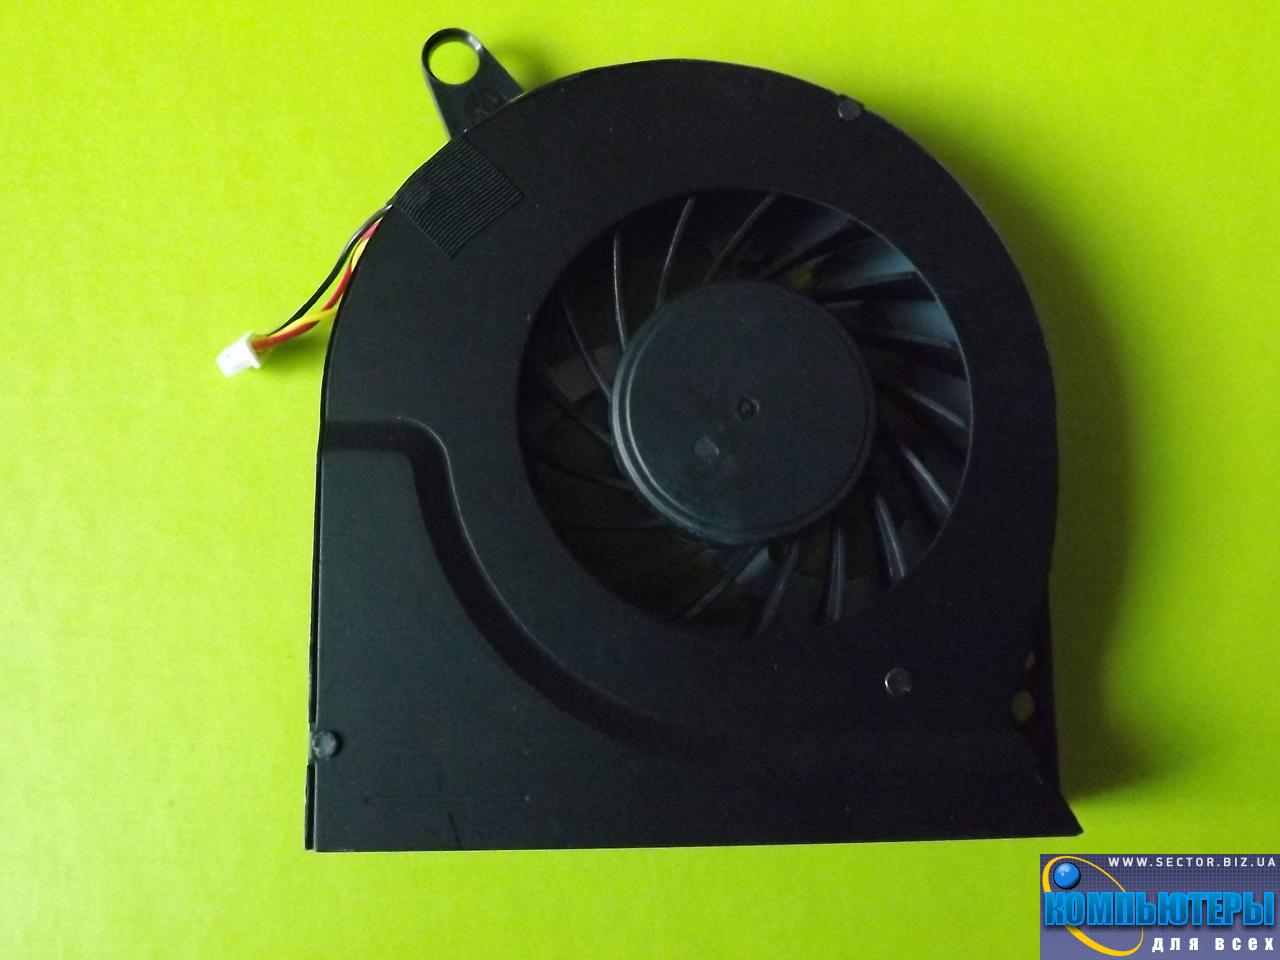 Кулер к ноутбуку Acer Aspire V3-731 V3-731G V3-771 V3-771G p/n: DFS551205ML0T FBC7. Фото № 3.